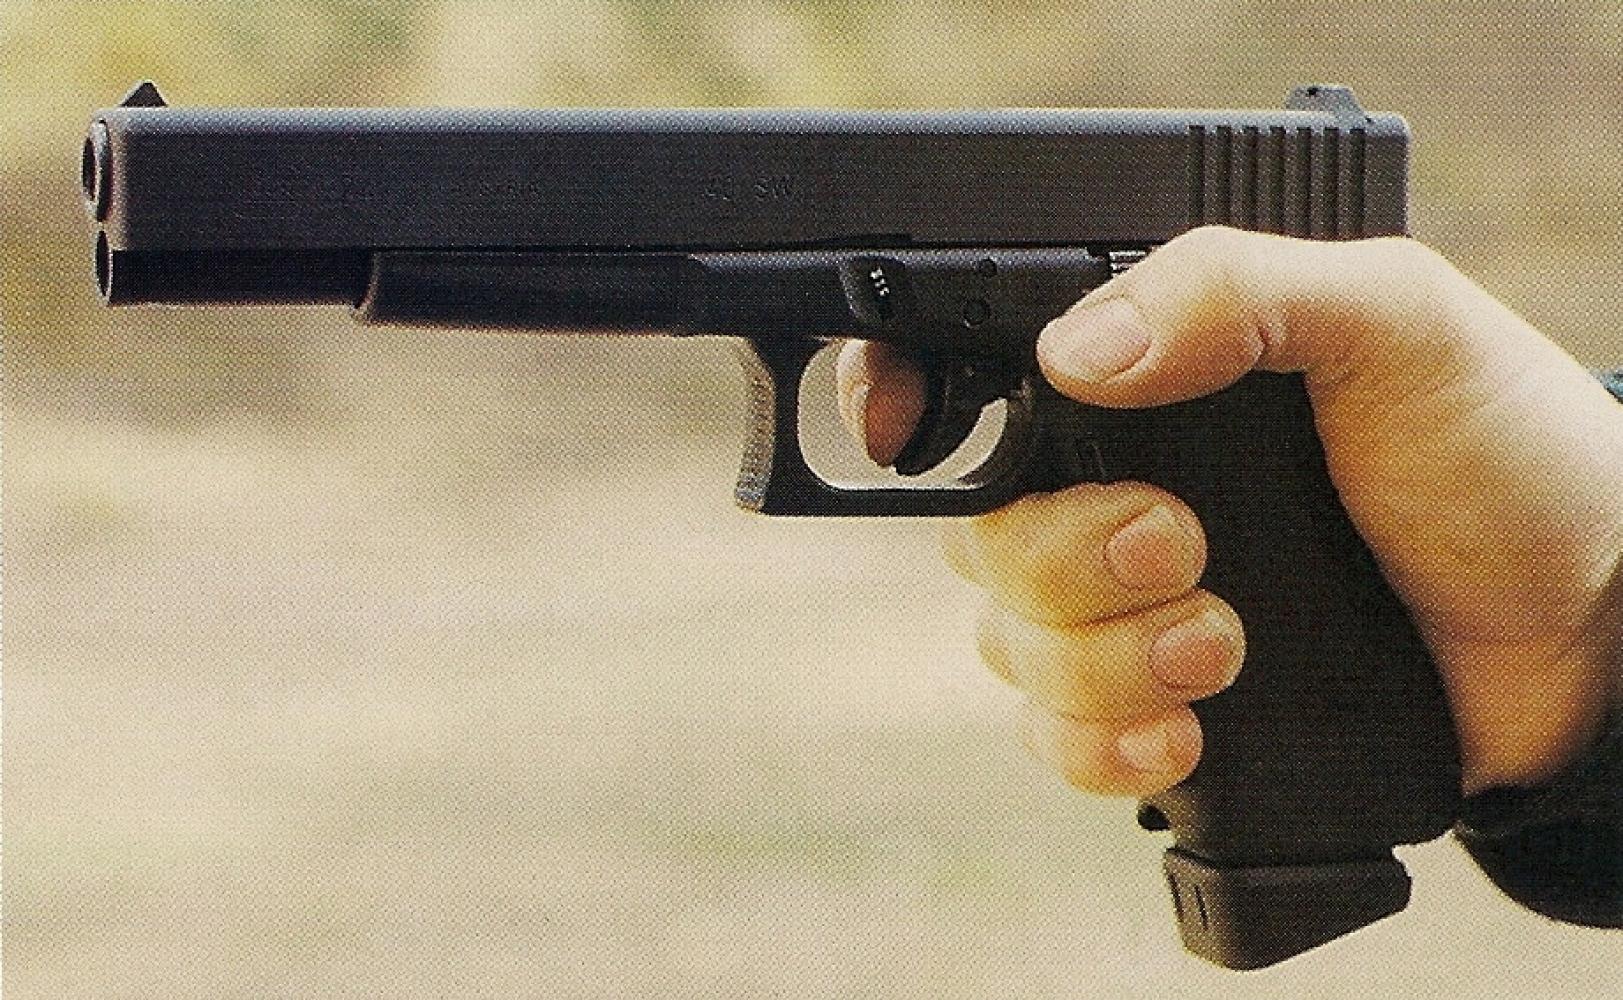 Les dimensions de la poignée du Glock 24 étant strictement identiques à celles du modèle 17, la prise en main est excellente. L'arme est ici munie d'un chargeur à talon proéminent d'une contenance de 17 cartouches.